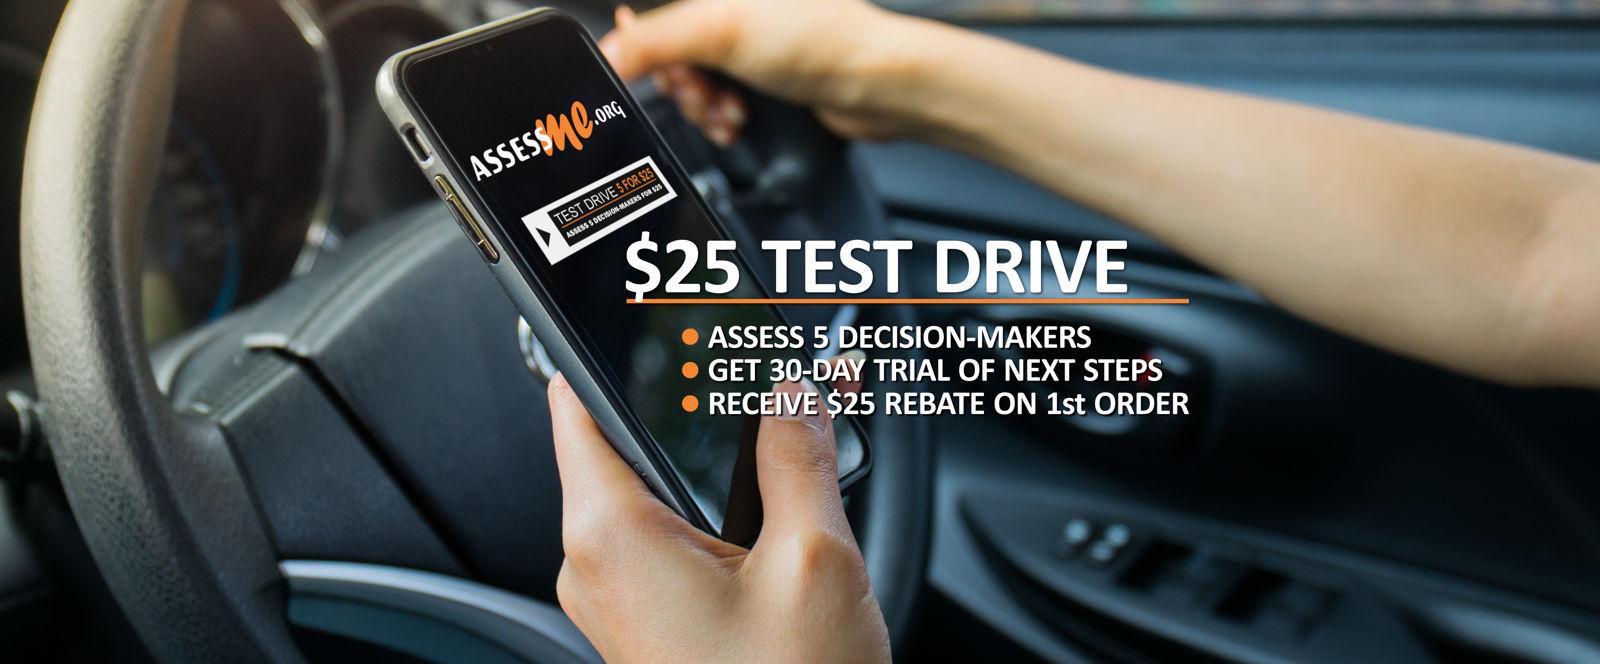 AssessME.org Test Drive Program